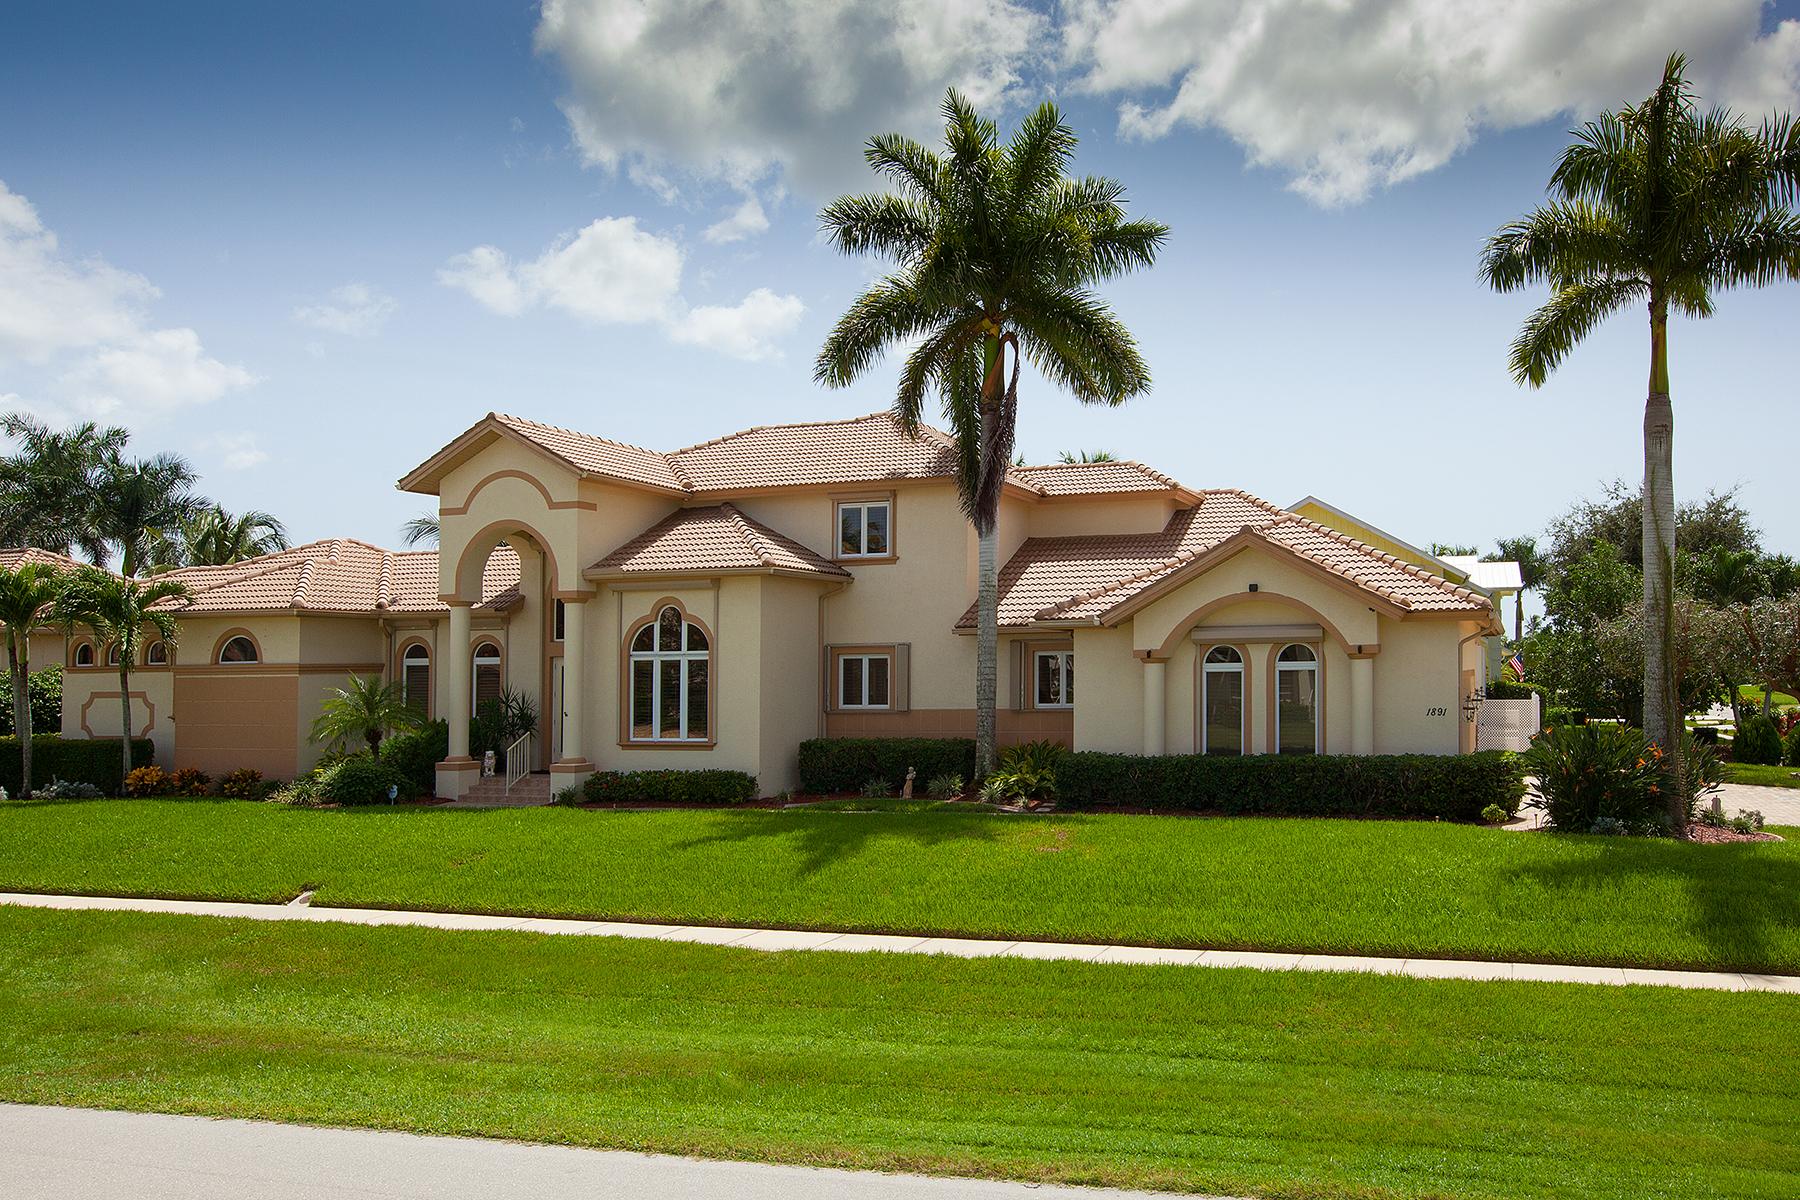 独户住宅 为 销售 在 MARCO ISLAND - HONDURAS AVENUE 1891 Honduras Ave 马可岛, 佛罗里达州, 34145 美国